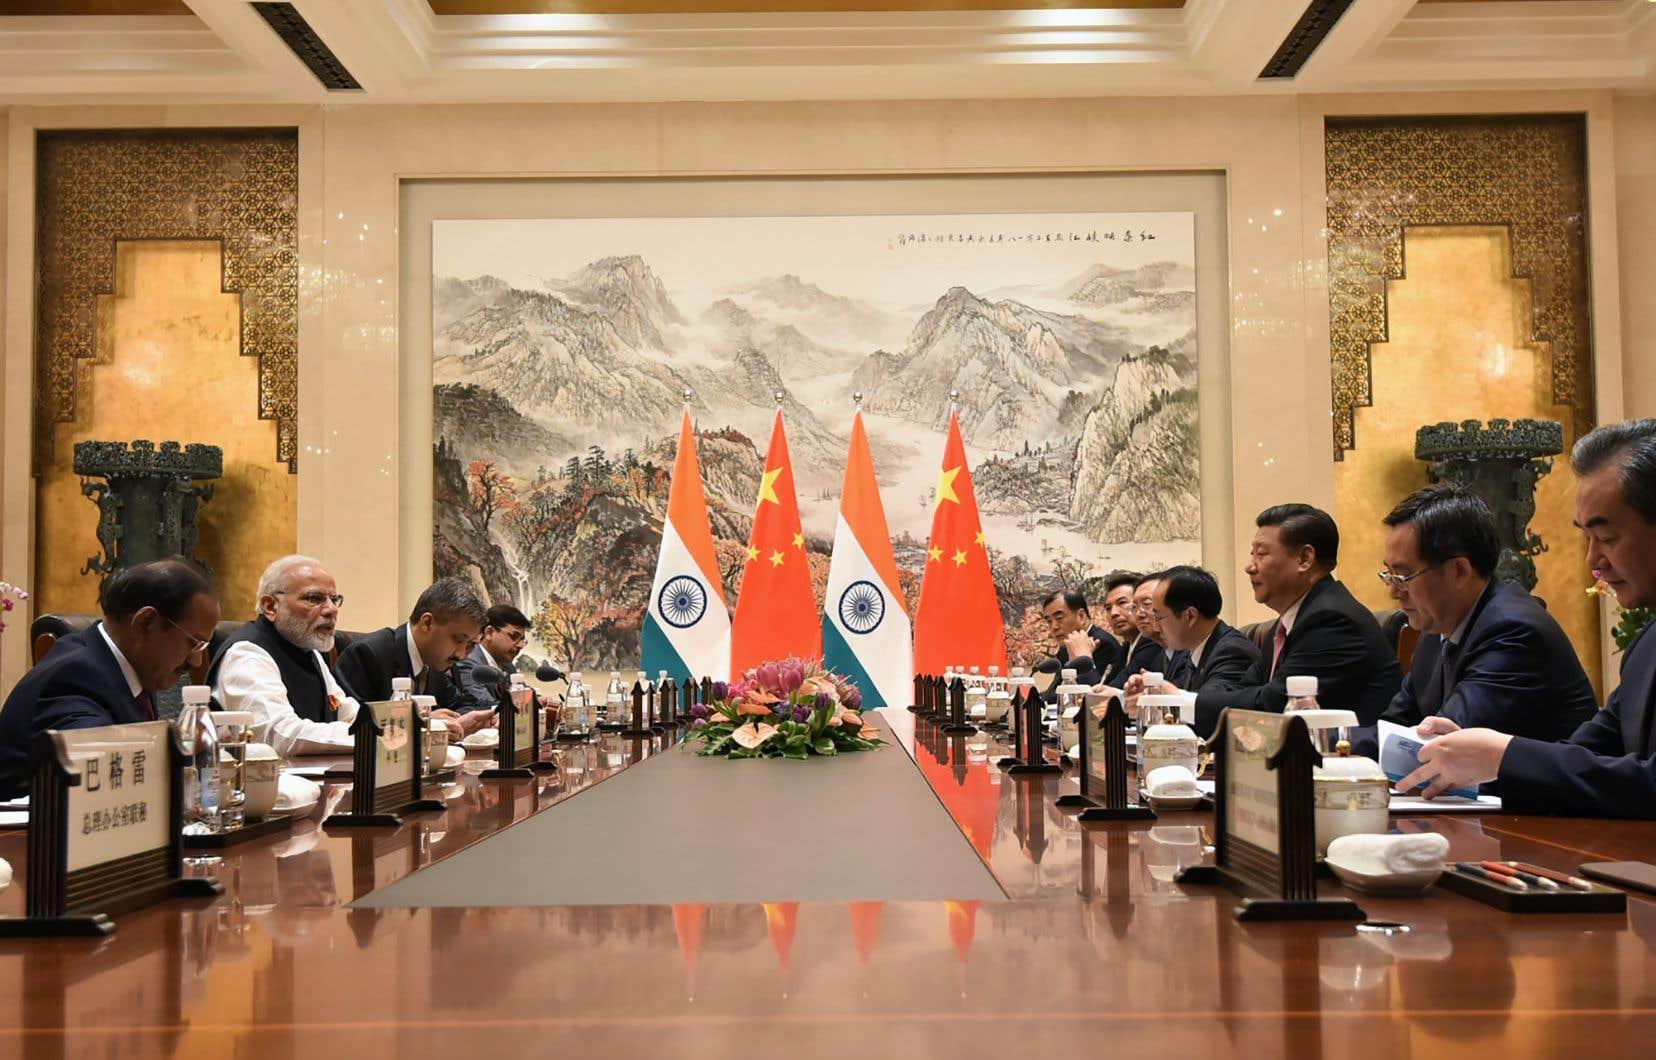 Le président indien, Narendra Modi, et son homologe chinois, Xi Jinping, cherchent à surmonter les vives tensions nées de leurs différends frontaliers.